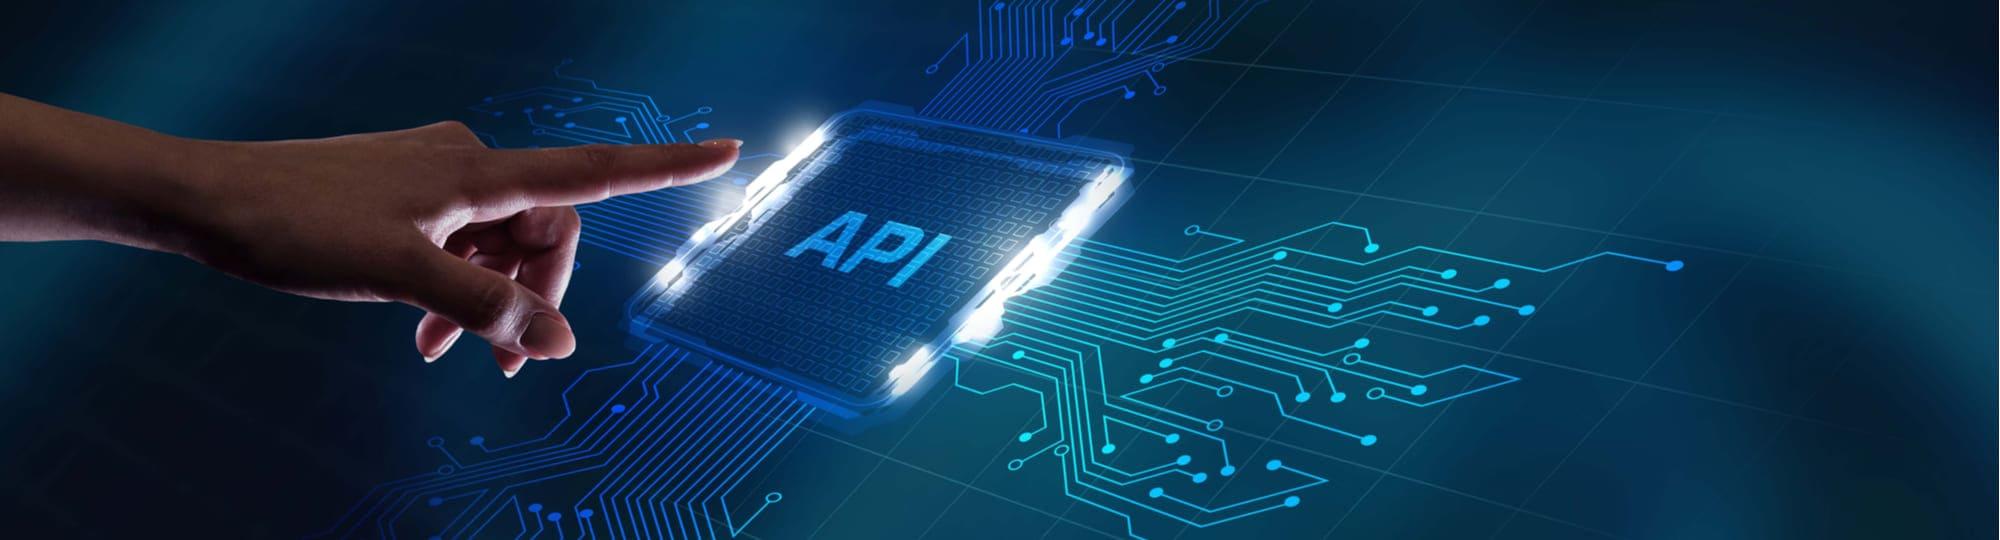 APIs and Webhooks